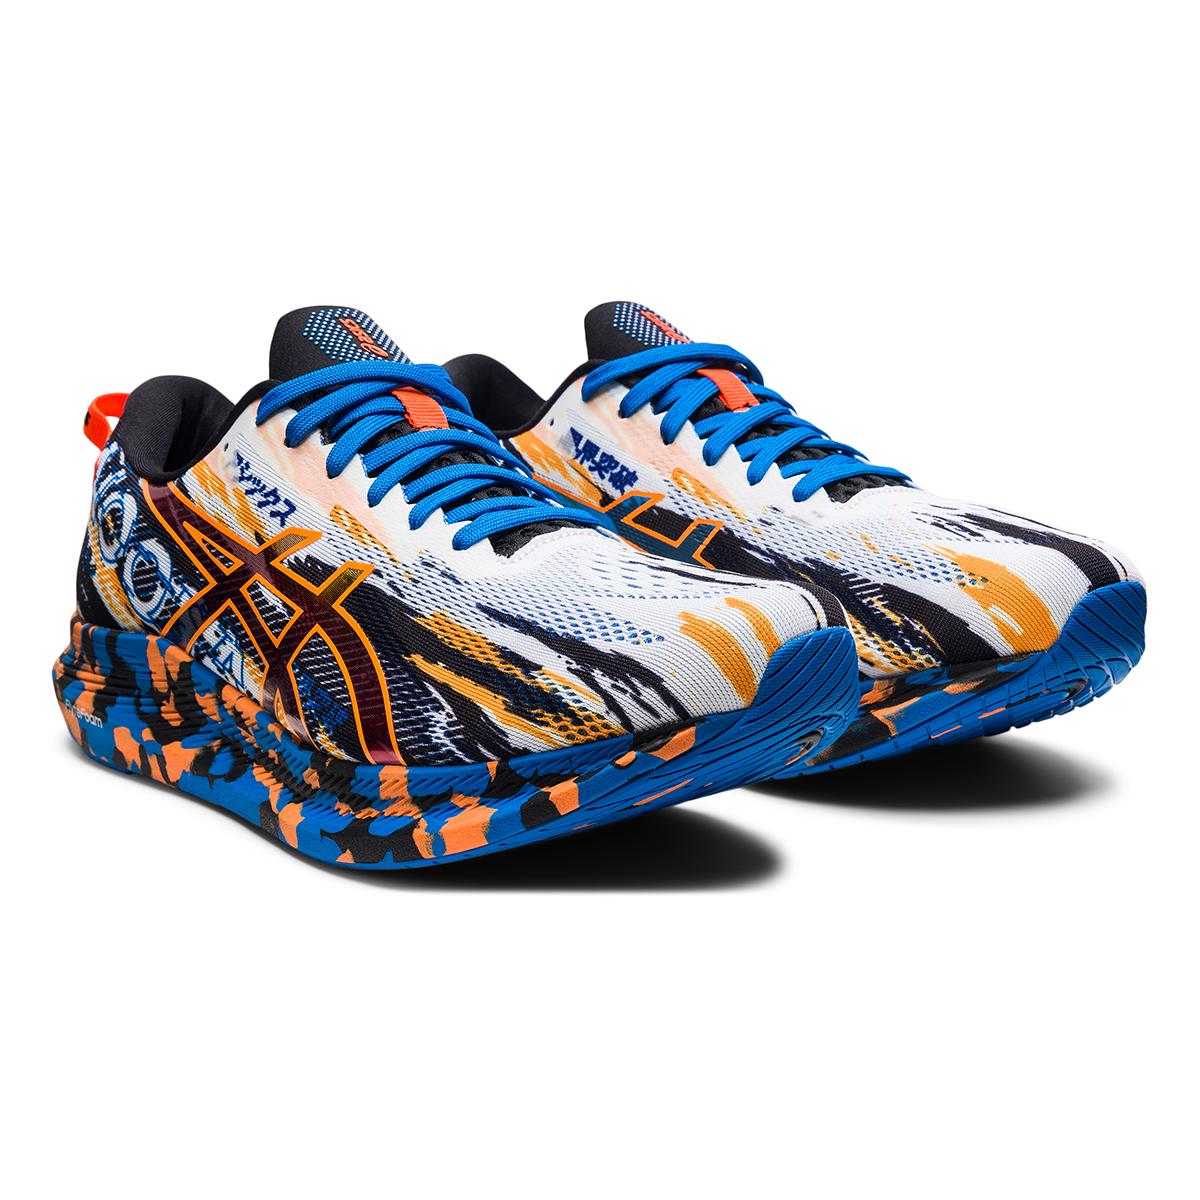 Men's Asics Noosa Tri 13 Running Shoe - Color: White/Shocking - Size: 7 - Width: Regular, White/Shocking, large, image 3